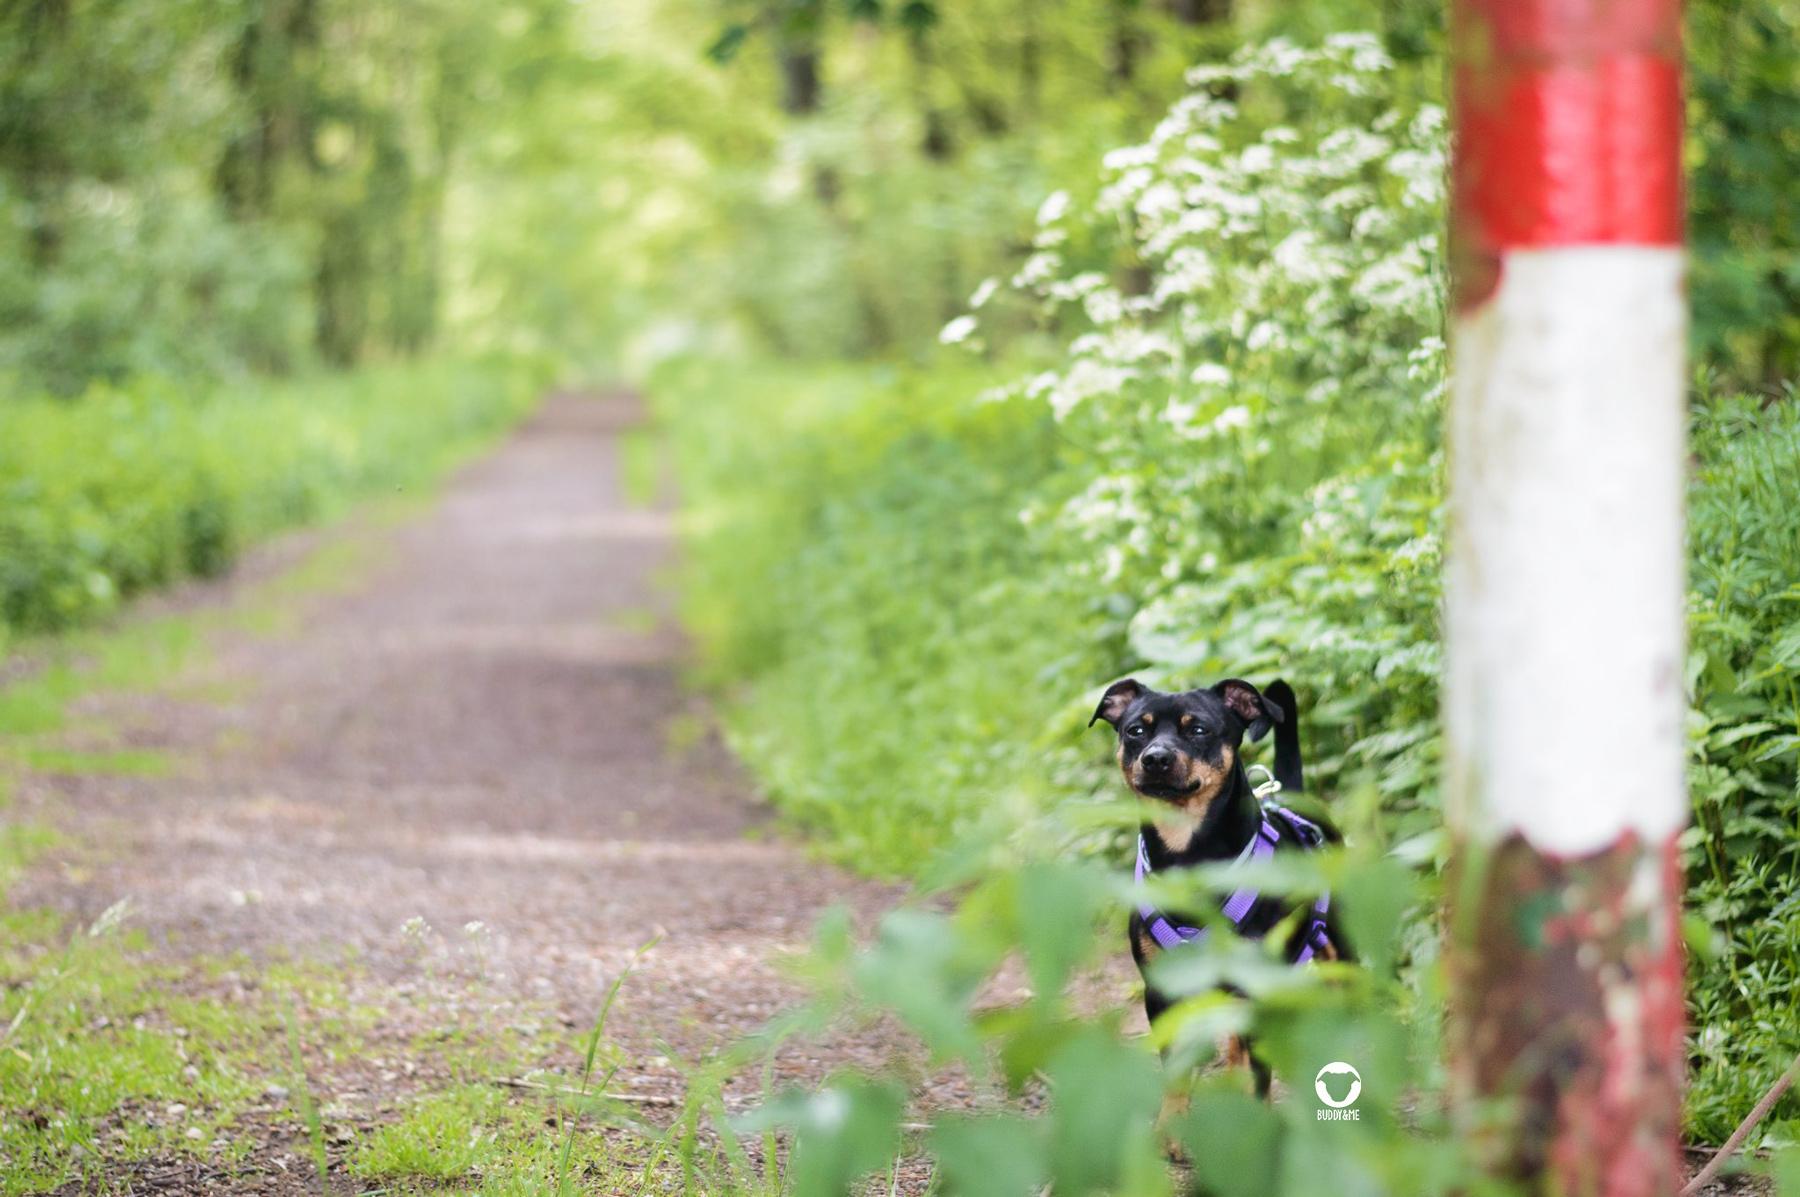 Pinscher Buddy, Buddy and Me, Hundeblog, Dogblog, Ruhrgebiet, Essen, Spazieren, Wandern, Gassi, Tipps, Rundweg, Kirchheller Heide, Kirchhellen, Bottrop, Heidhofsee